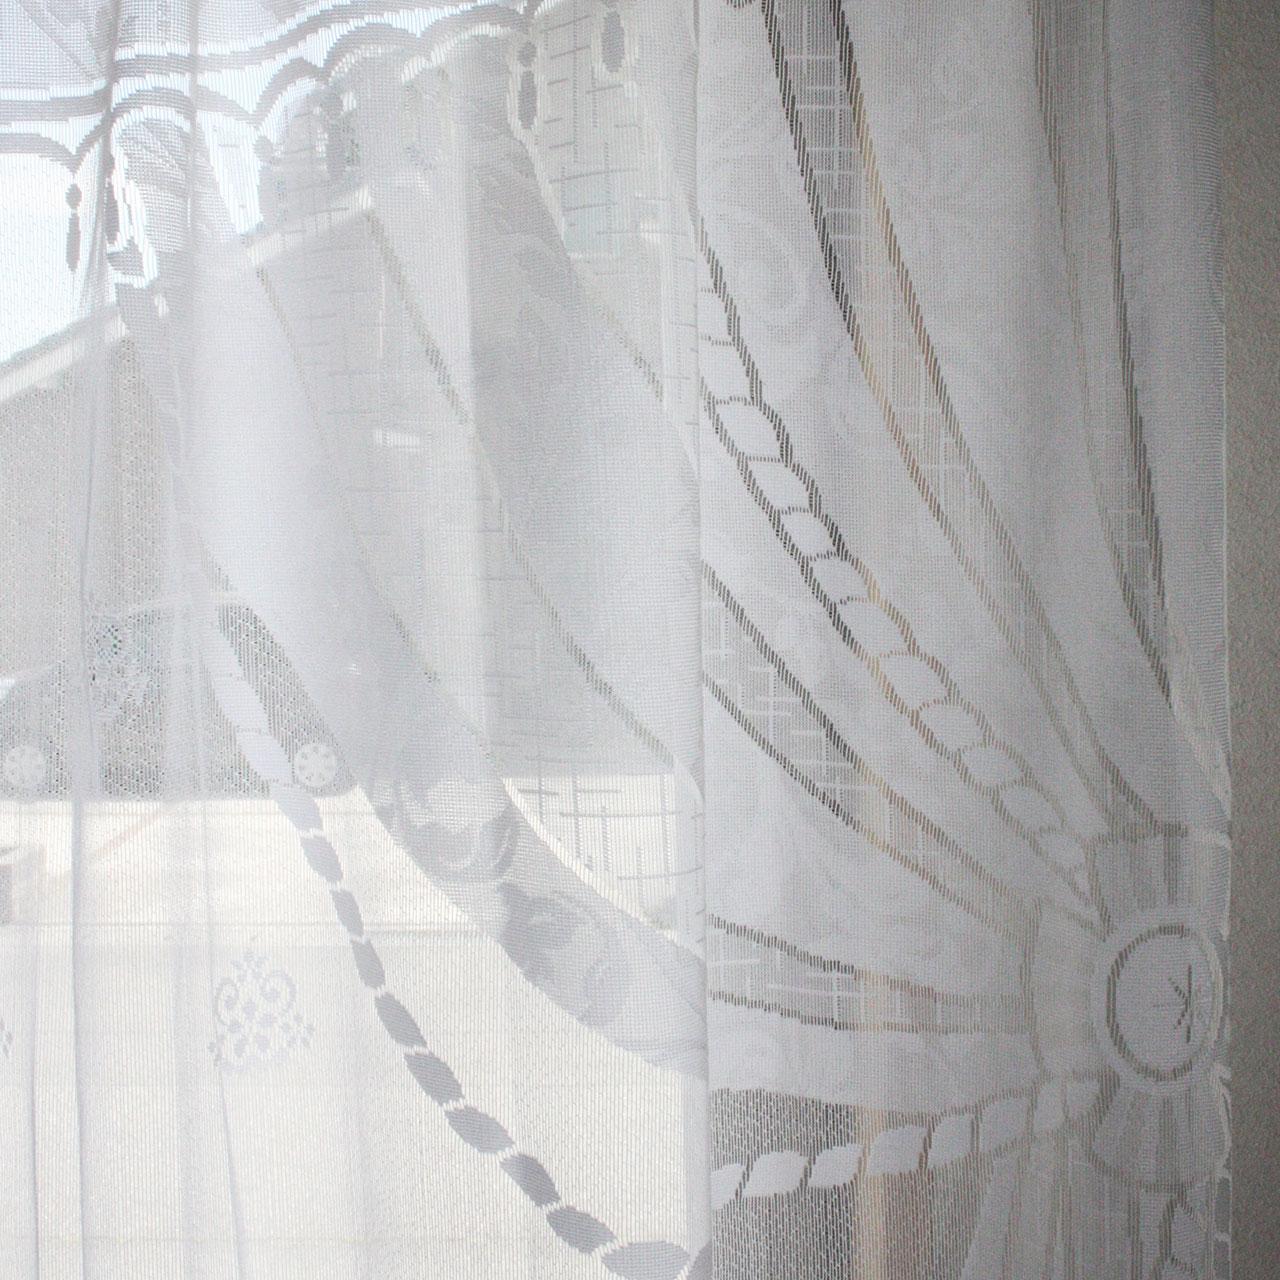 ベルサイユのばら 美しきオスカルのレースカーテン